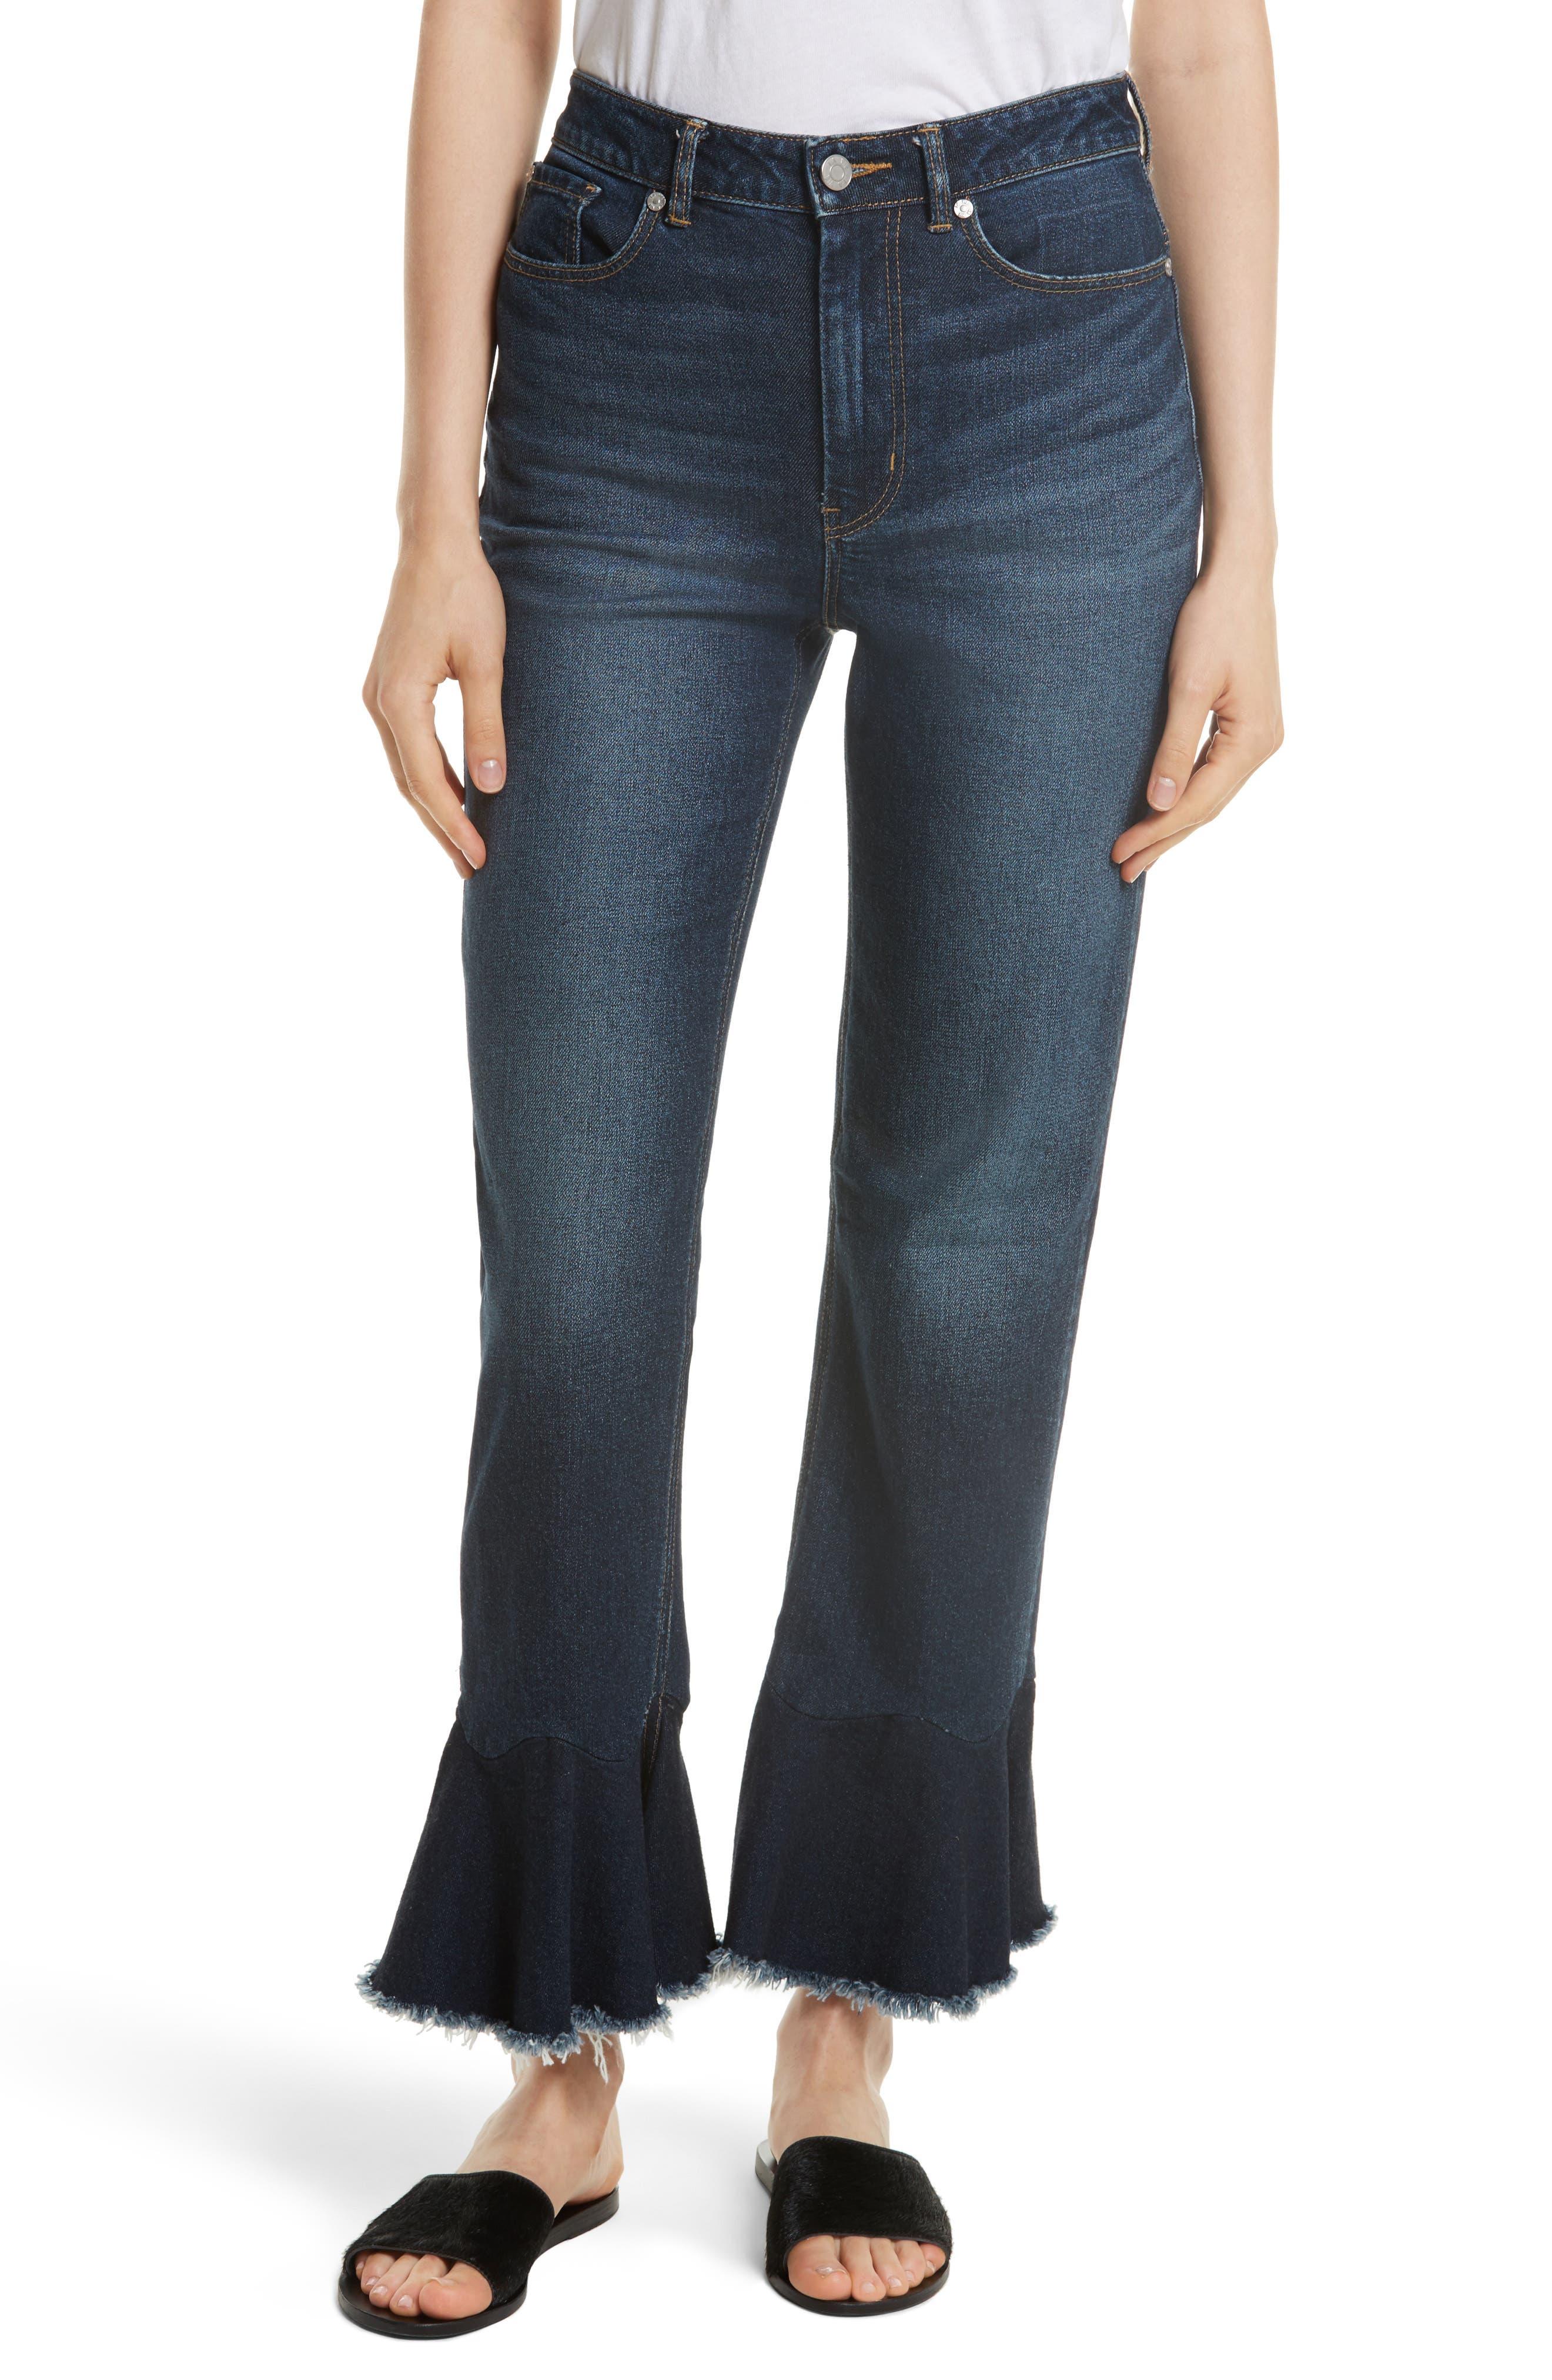 La Vie Rebecca Taylor Ruffle Hem Jeans (Midnight)